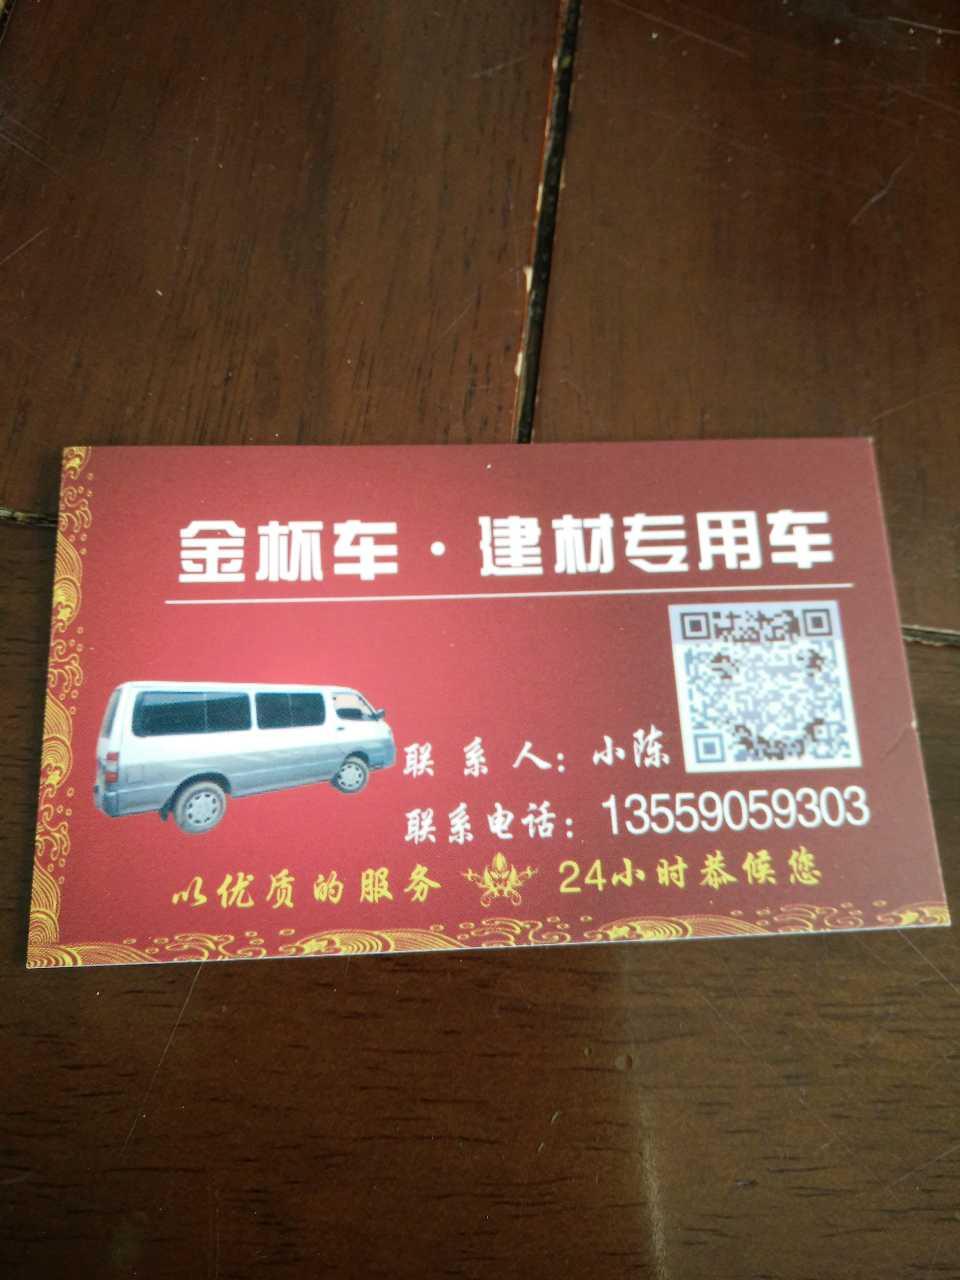 来自陈良源发布的供应信息:金杯车拉货…... - 私家运输